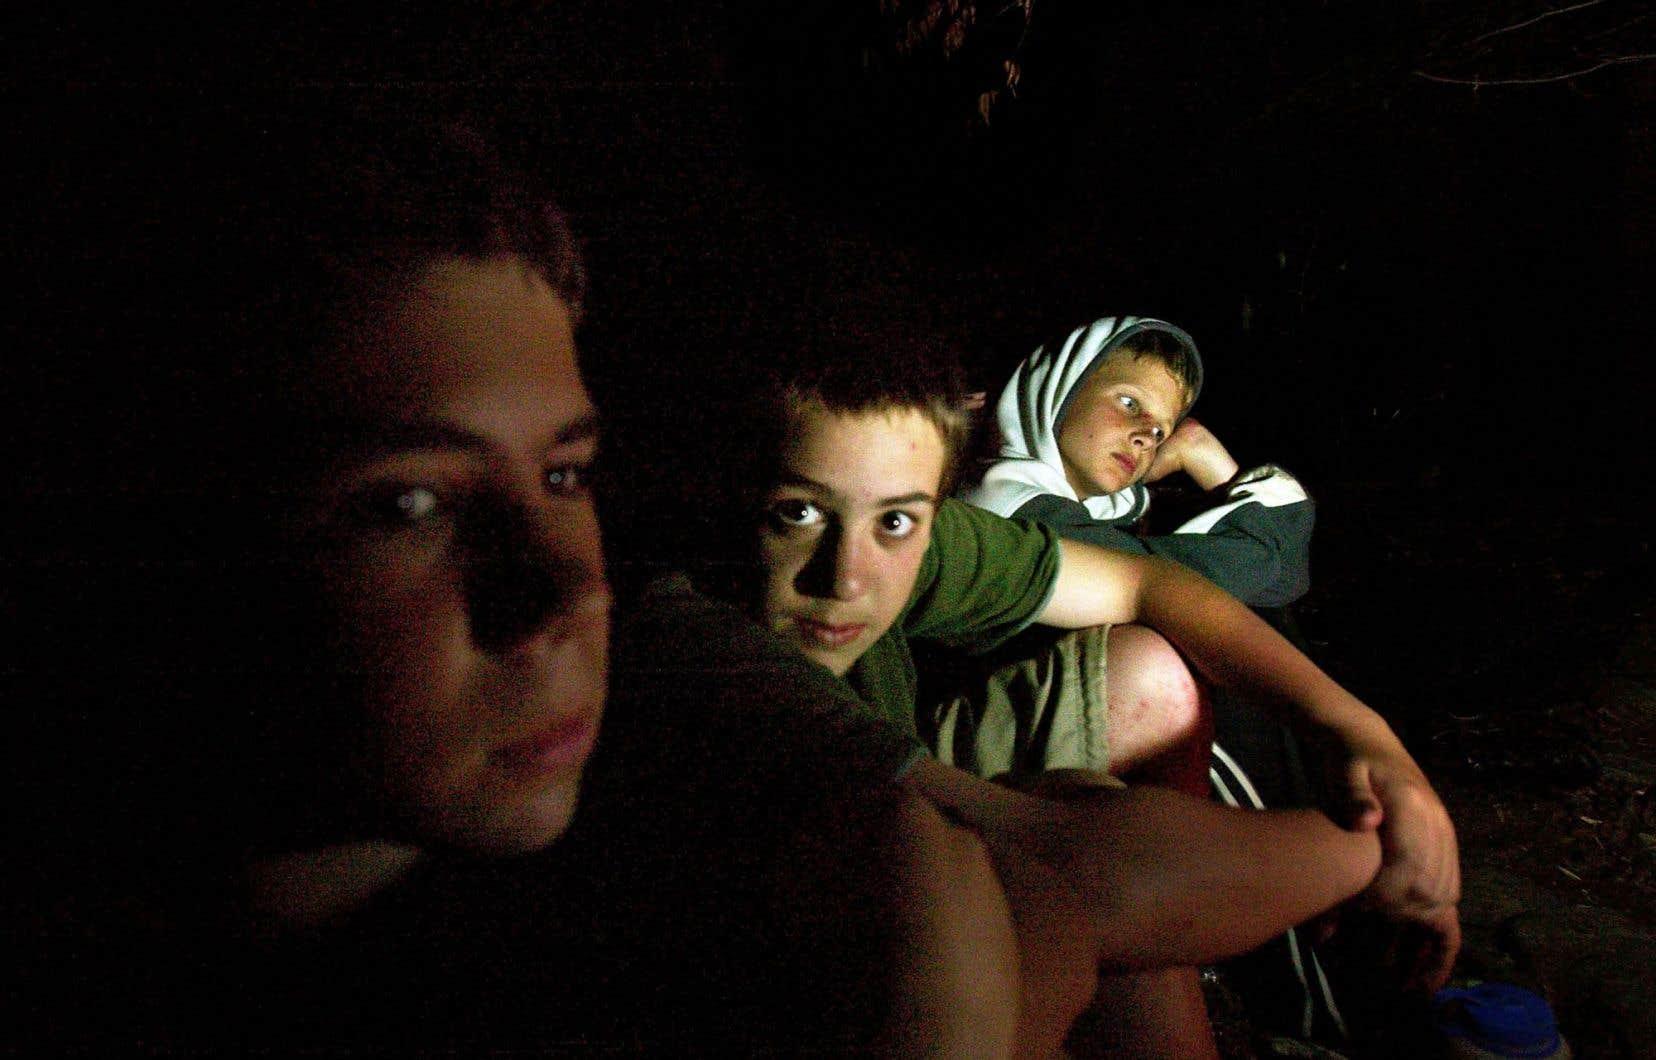 Au Québec, 13% des jeunes du secondaire ont reçu, en 2011, un diagnostic de TDAH. En Europe, ce taux tombe à 1 ou 2%!